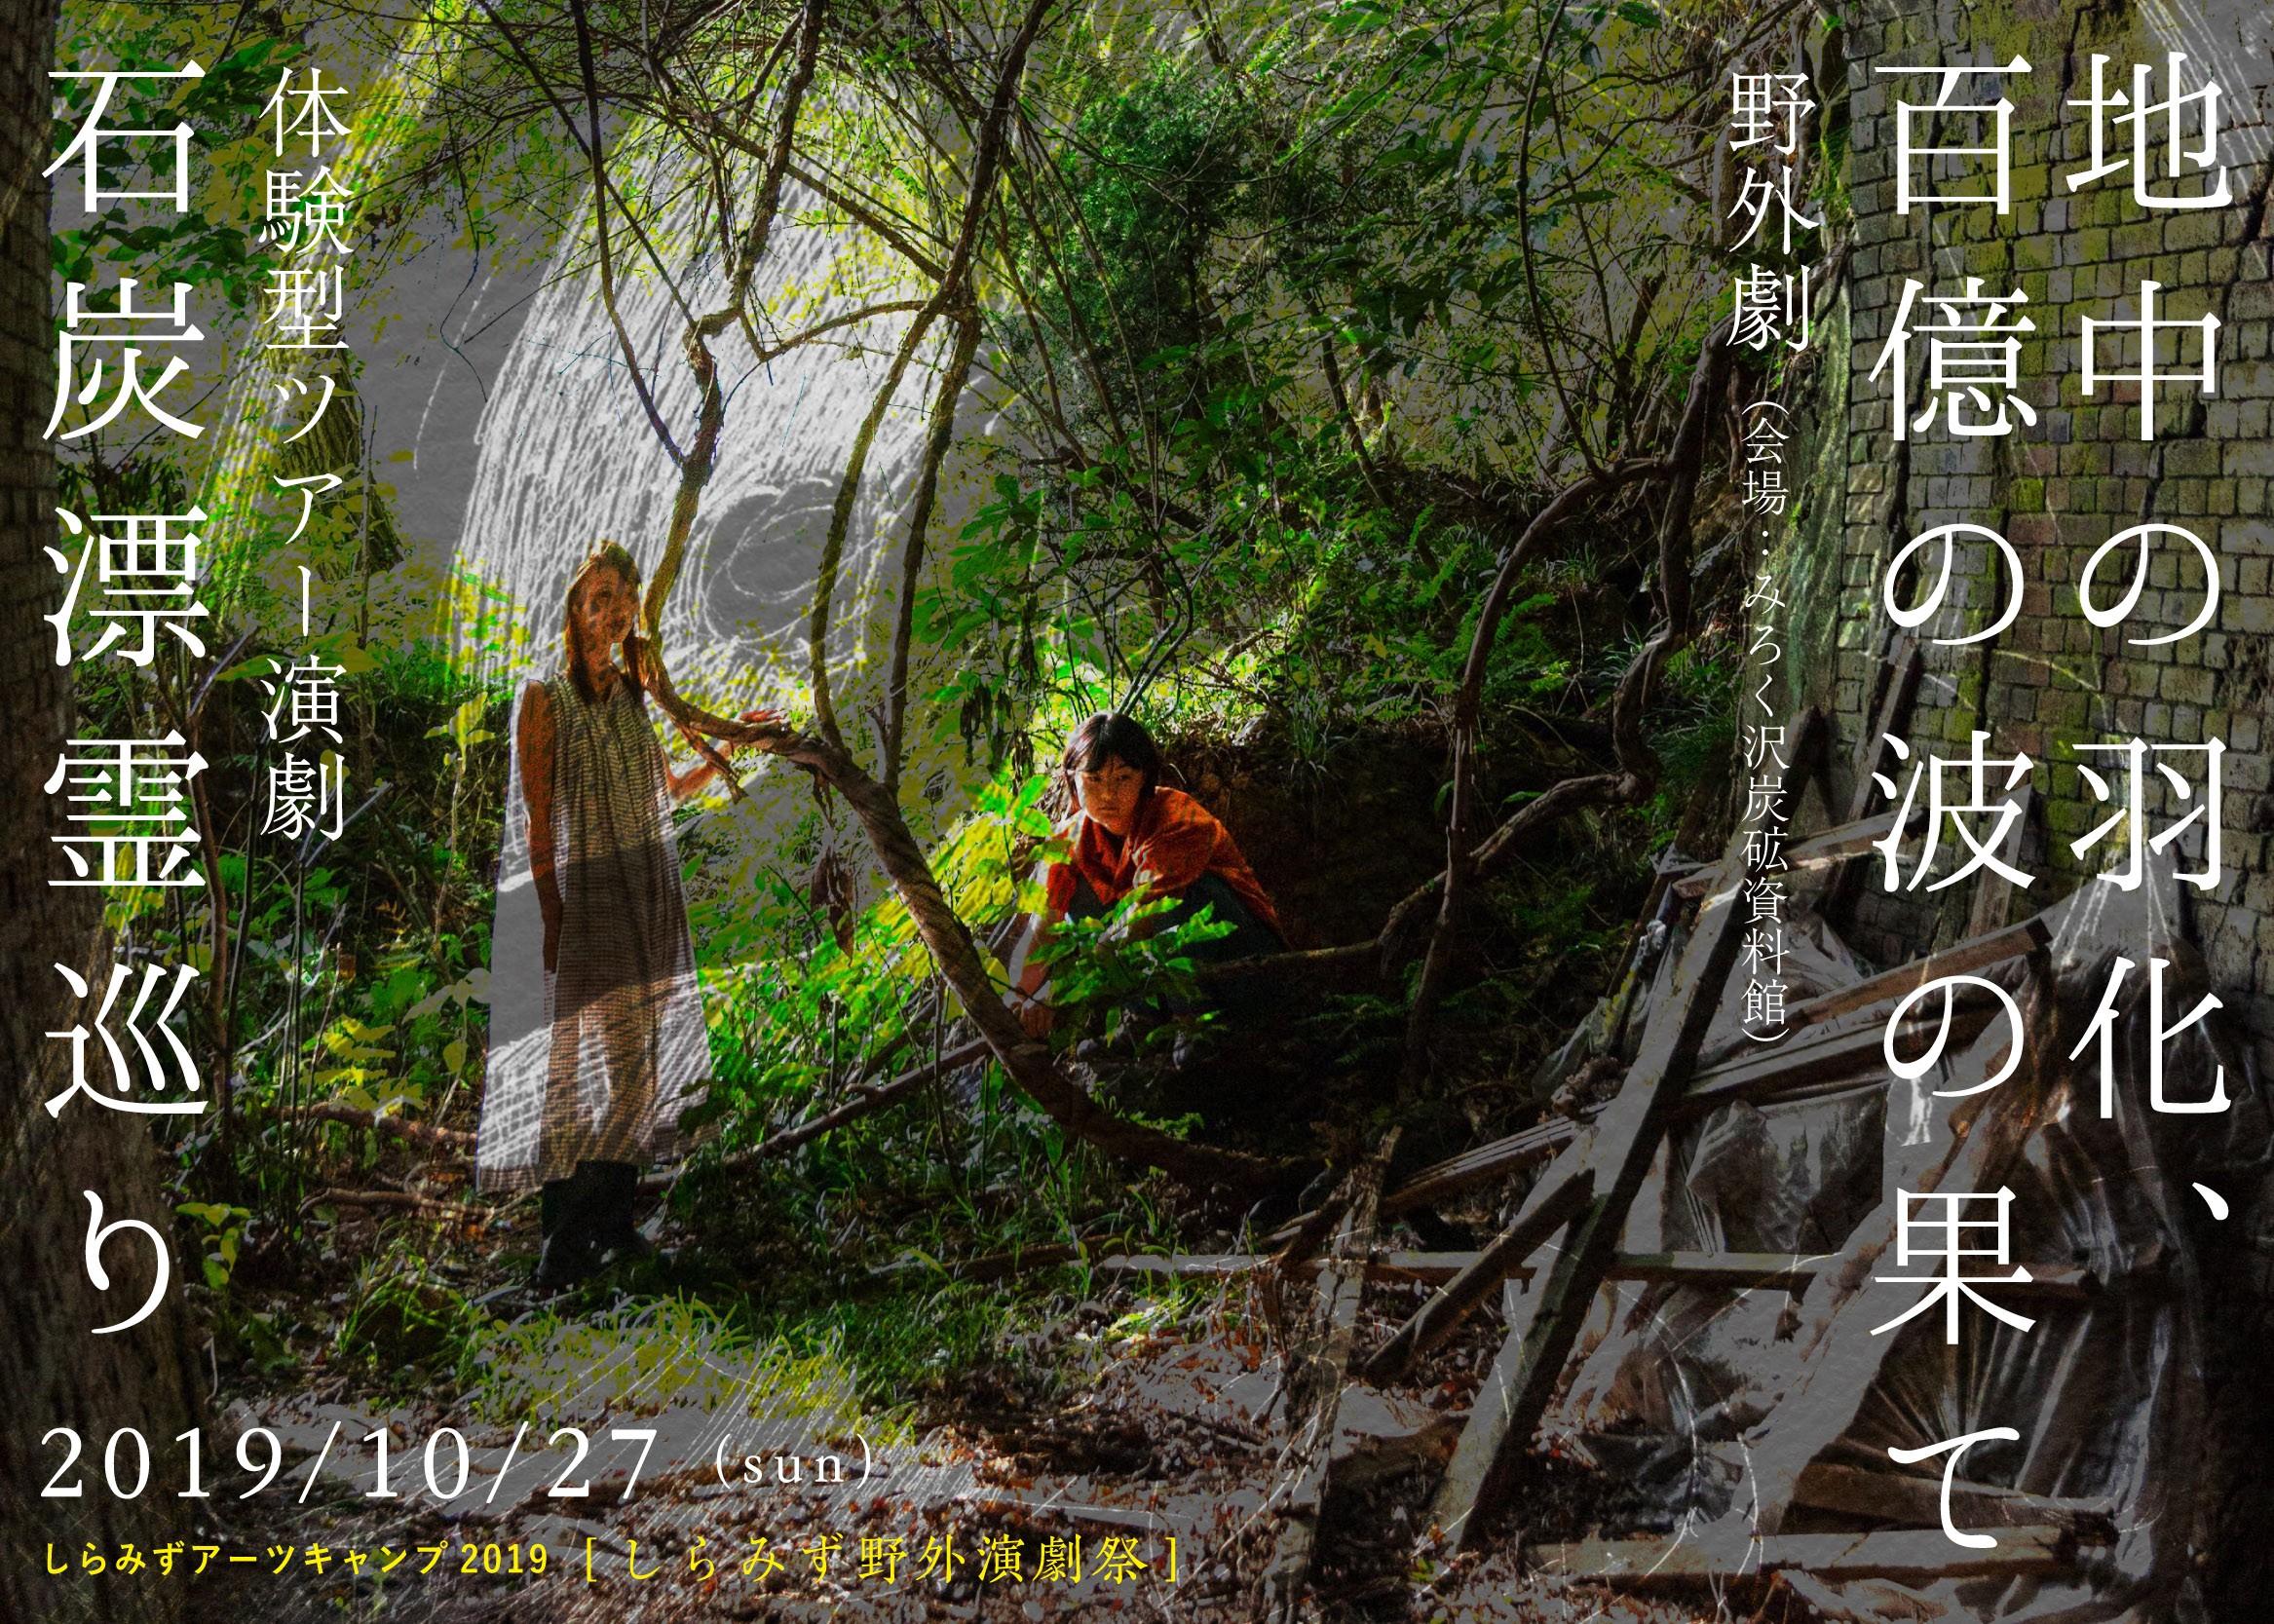 しらみず野外演劇祭・体験型ツアー演劇「石炭漂霊巡り」の参加者募集を開始しました!